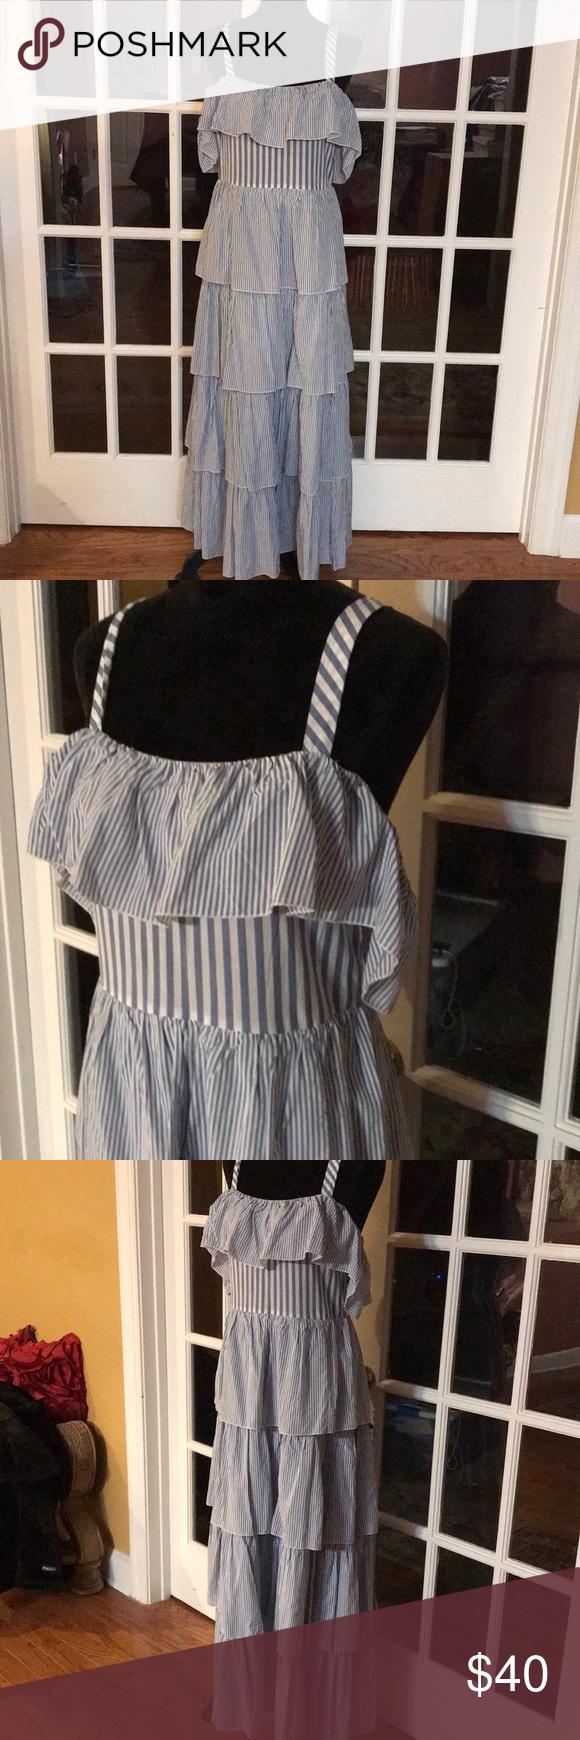 Nwt Victoria Secret Maxi Dress Maxi Dress Clothes Design Dresses [ 1740 x 580 Pixel ]